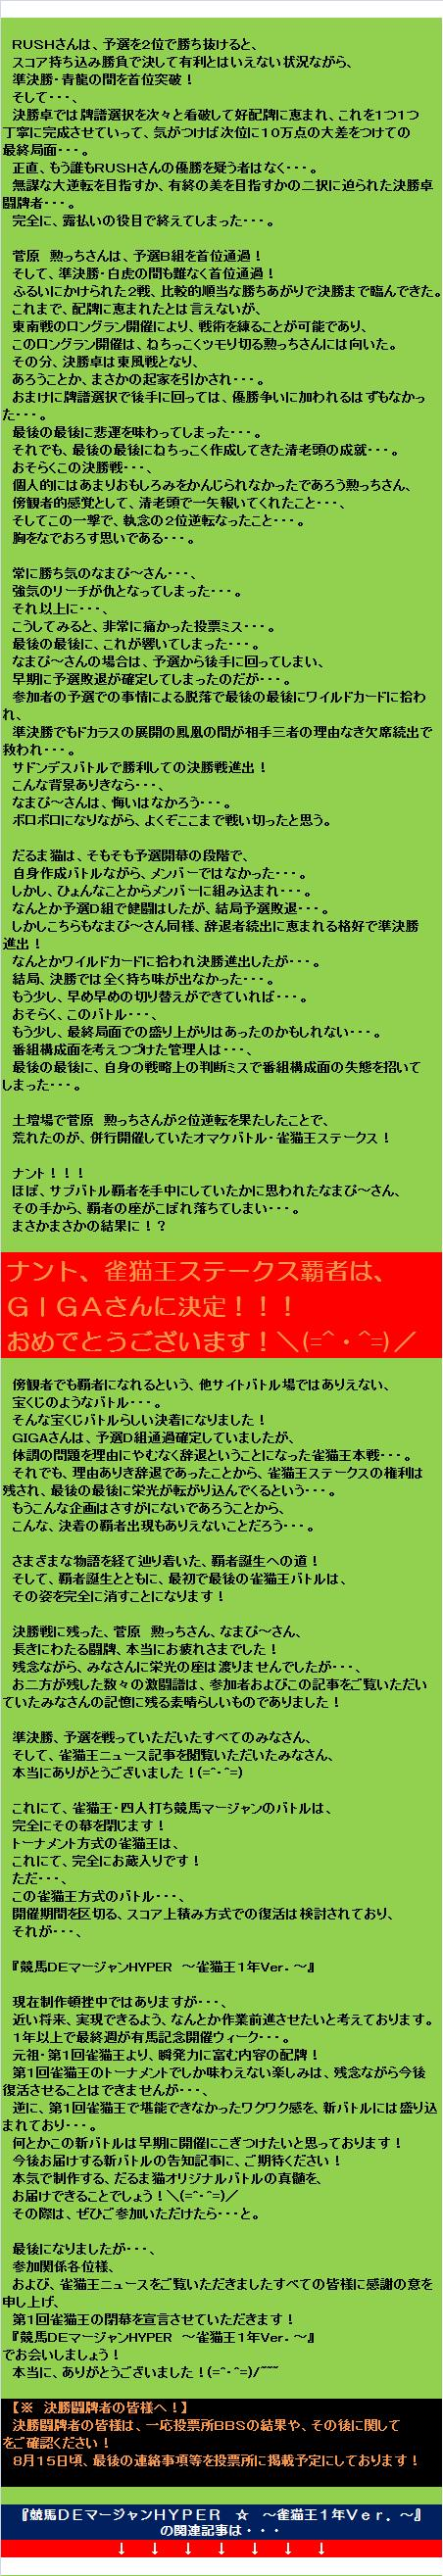 20140811・雀猫王ニュース・号外③.jpg